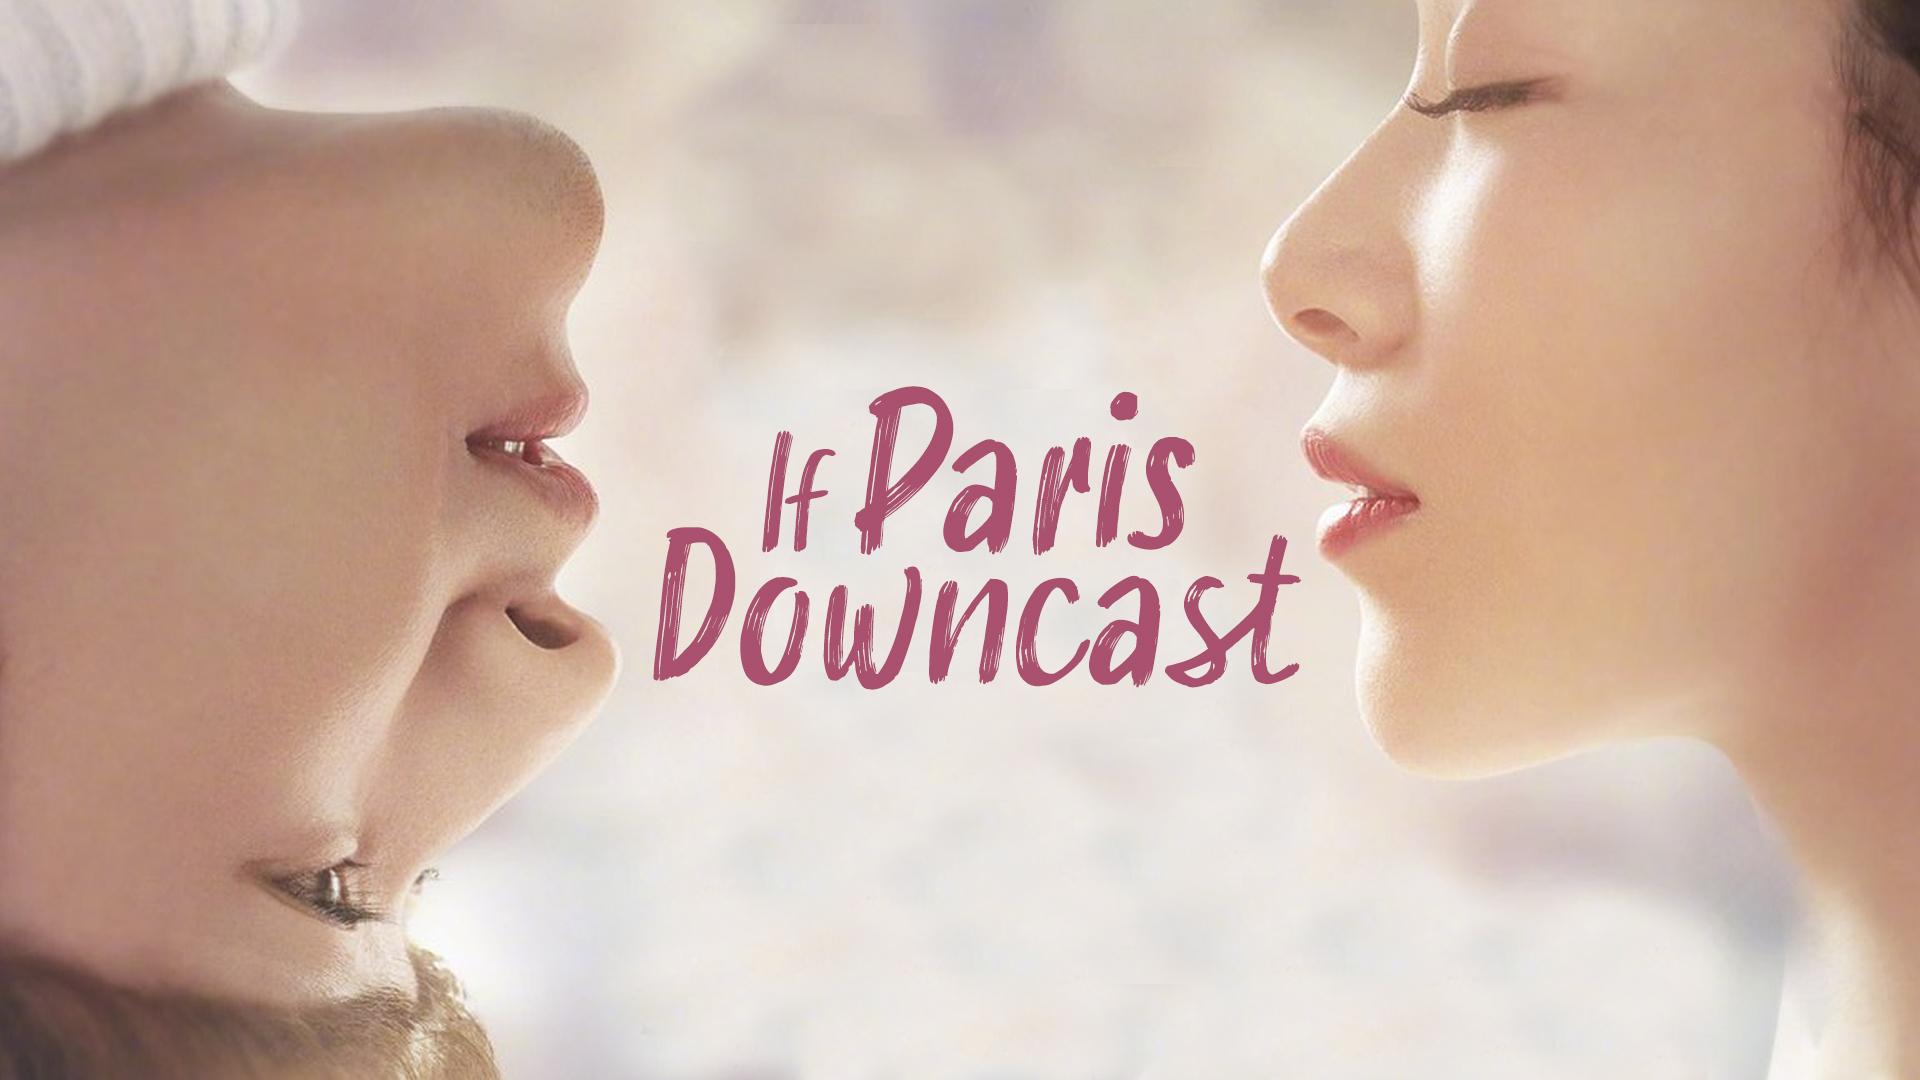 If Paris Downcast